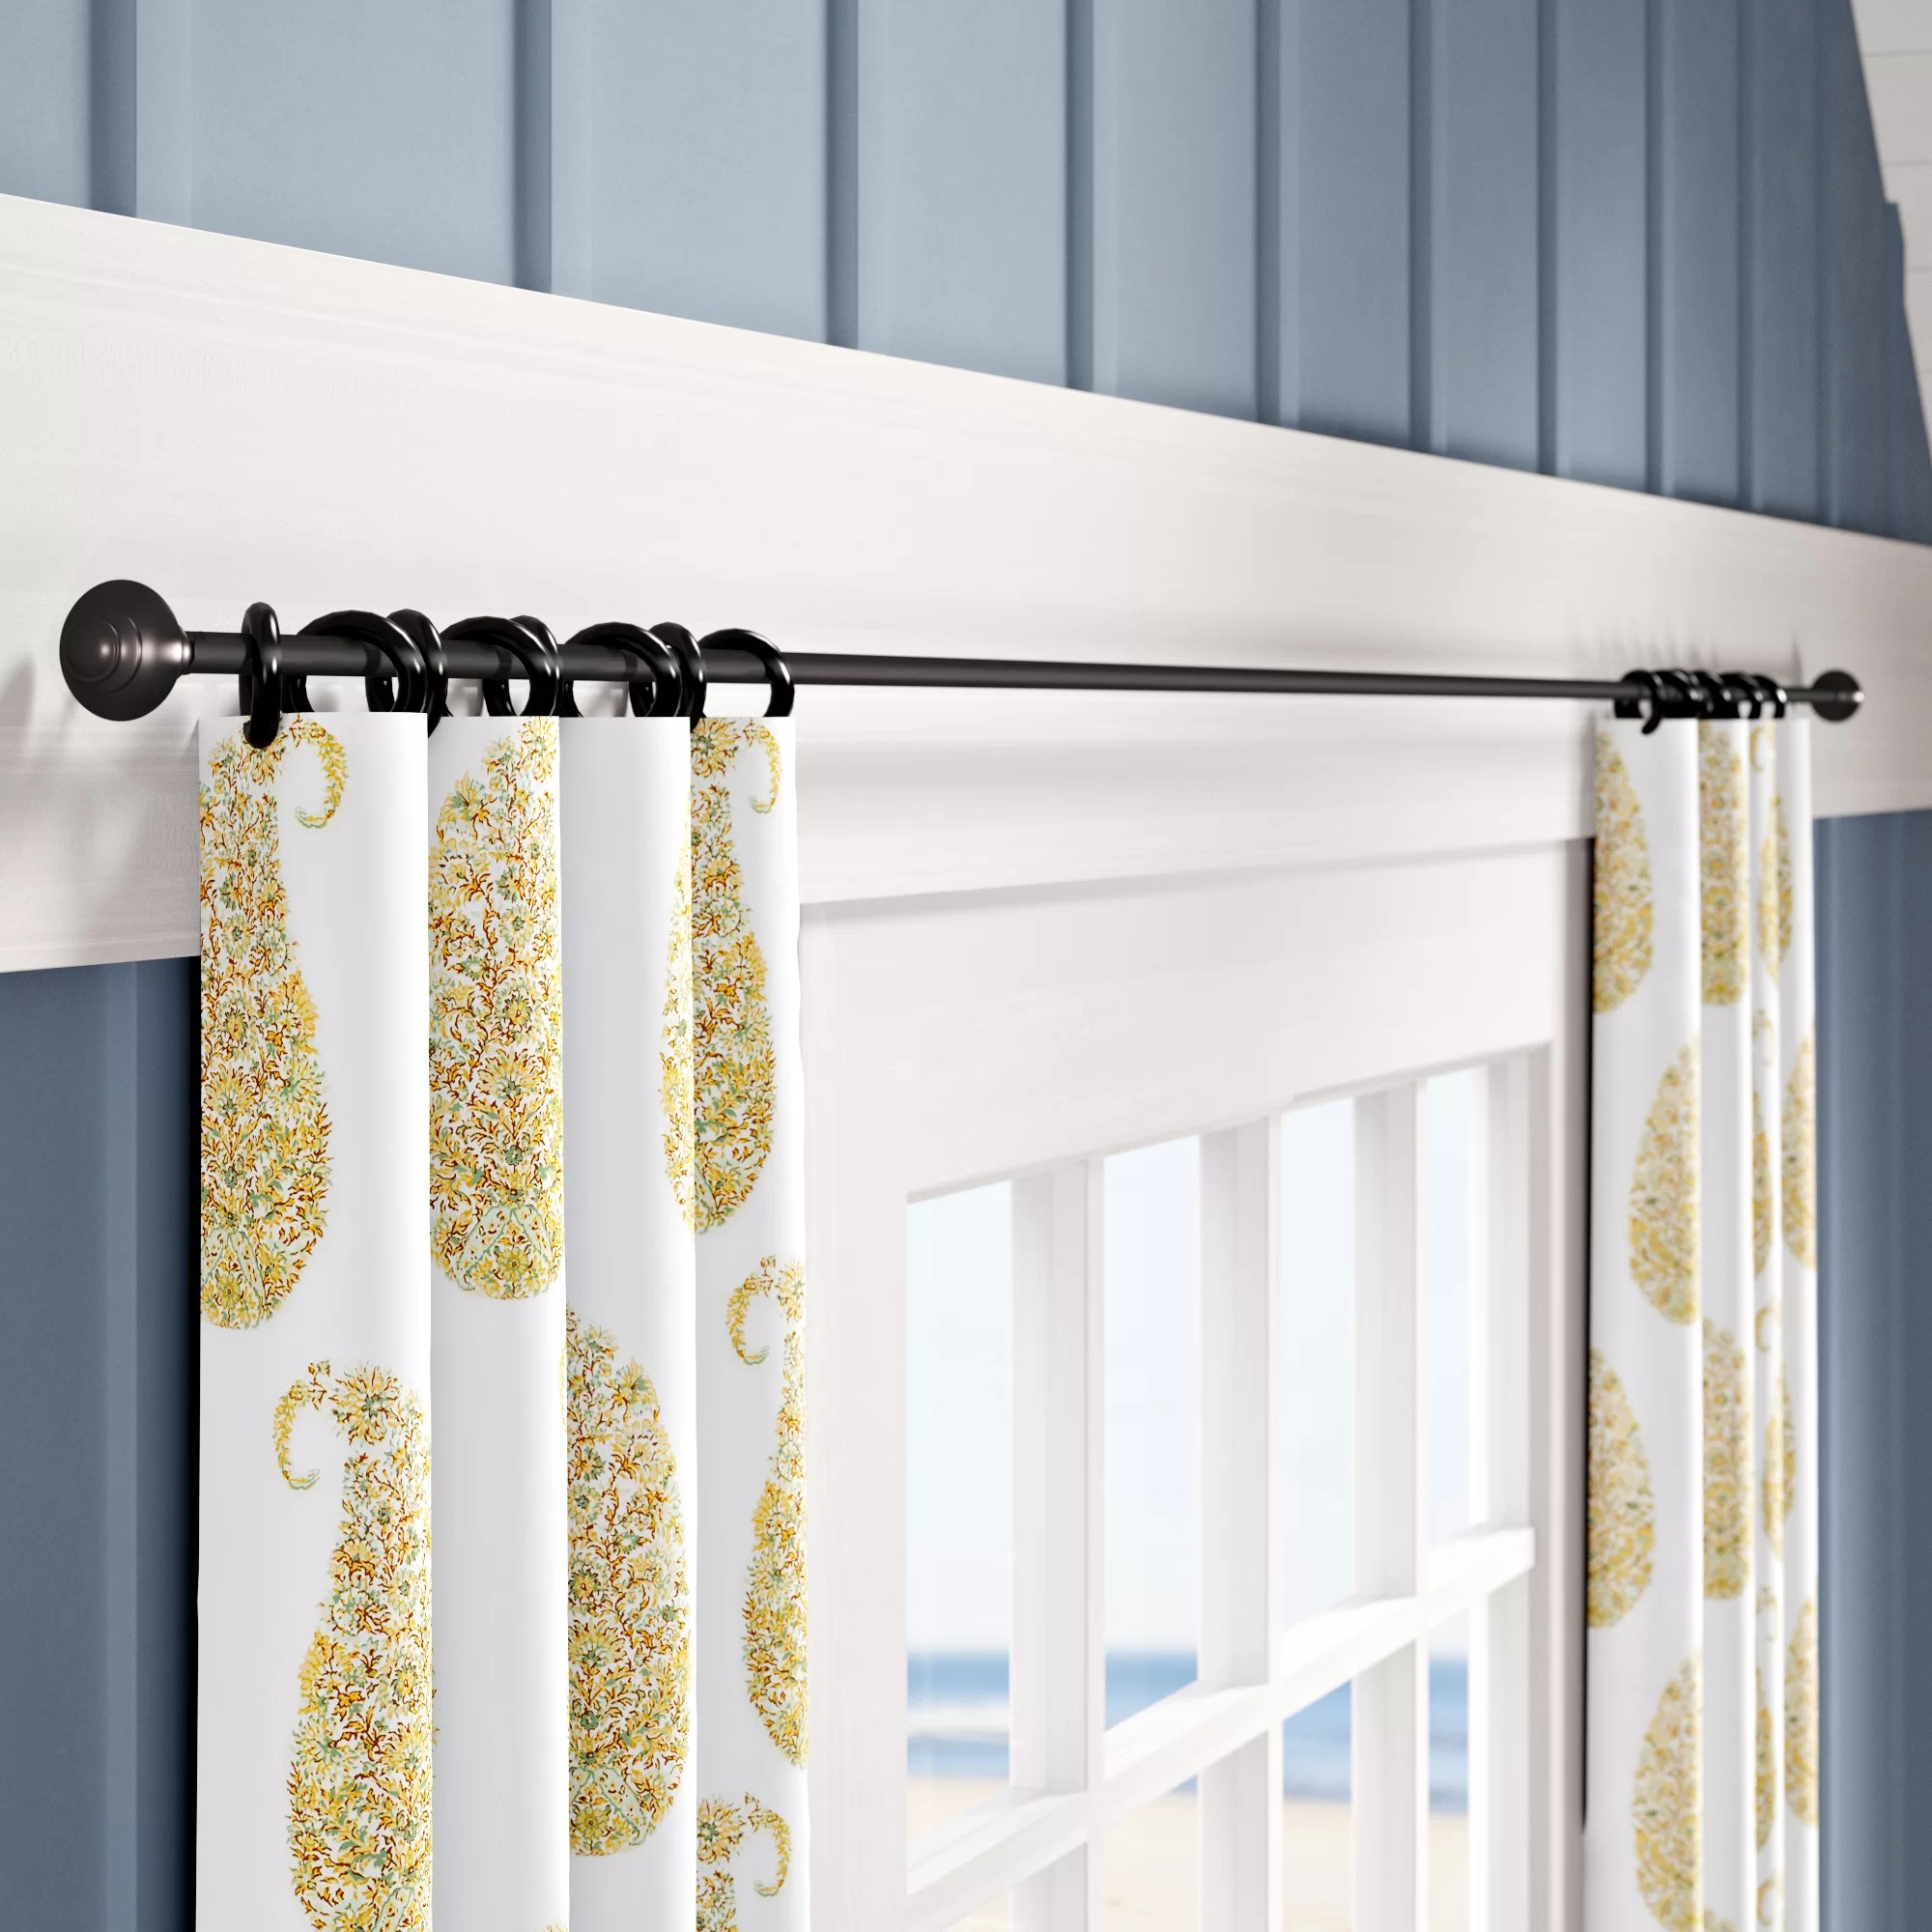 15 ft rod curtain hardware